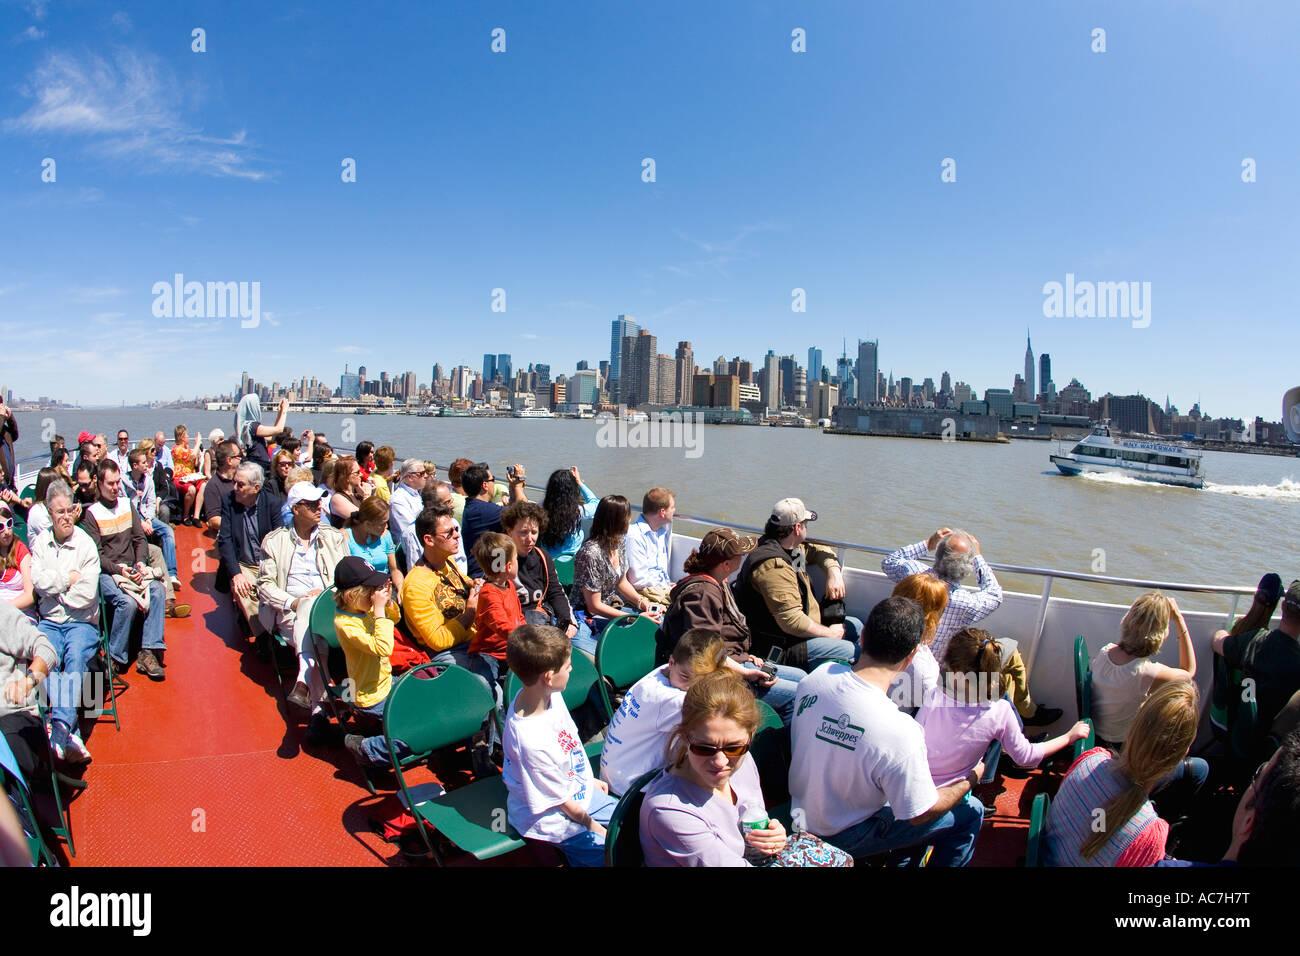 Los turistas admirar vistas de Manhattan en sol de primavera de Circle Line ferry viaje alrededor de Nueva York Imagen De Stock